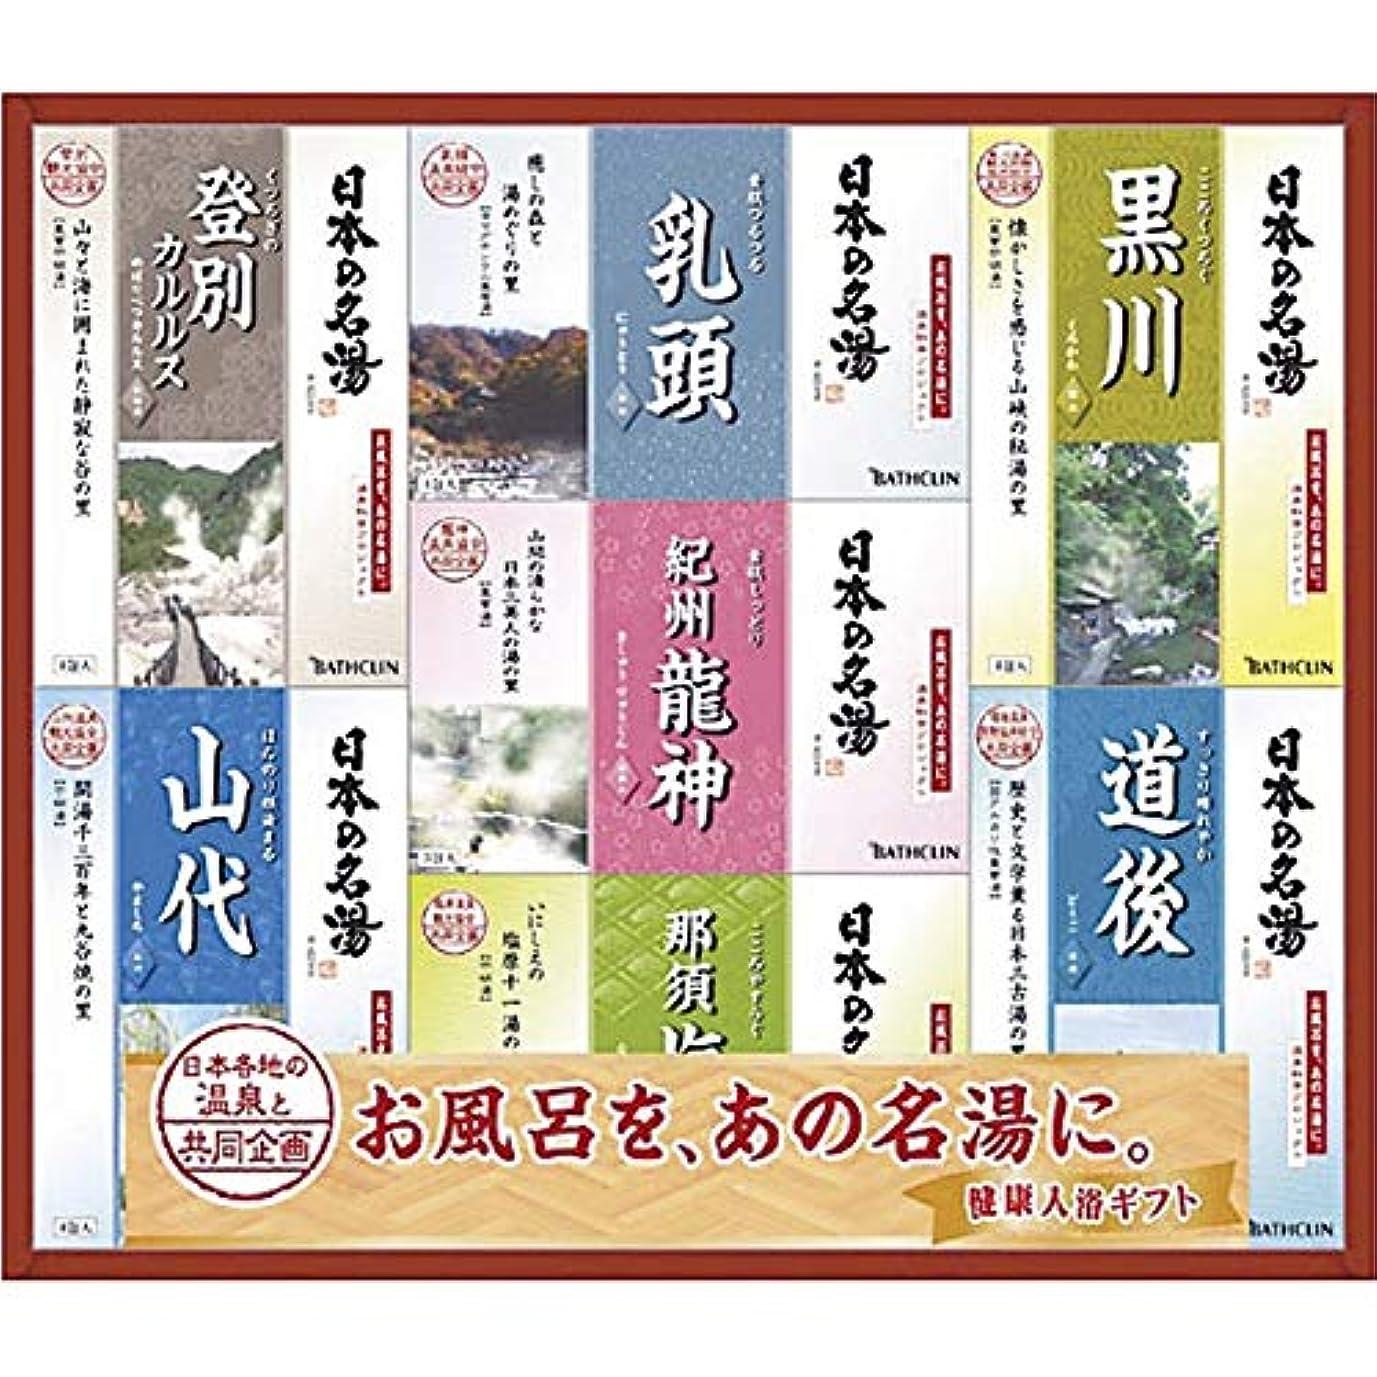 めるサイレン乳バスクリン 日本の名湯 ギフトセット NMG-25F 【個包装 セット 詰め合わせ 疲労回復 ご褒美 贅沢 プチギフト 温まる 温泉 粉 ご当地 まとめ買い 名湯 リラックス 美肌 つめあわせ やさしい やすらぎ】